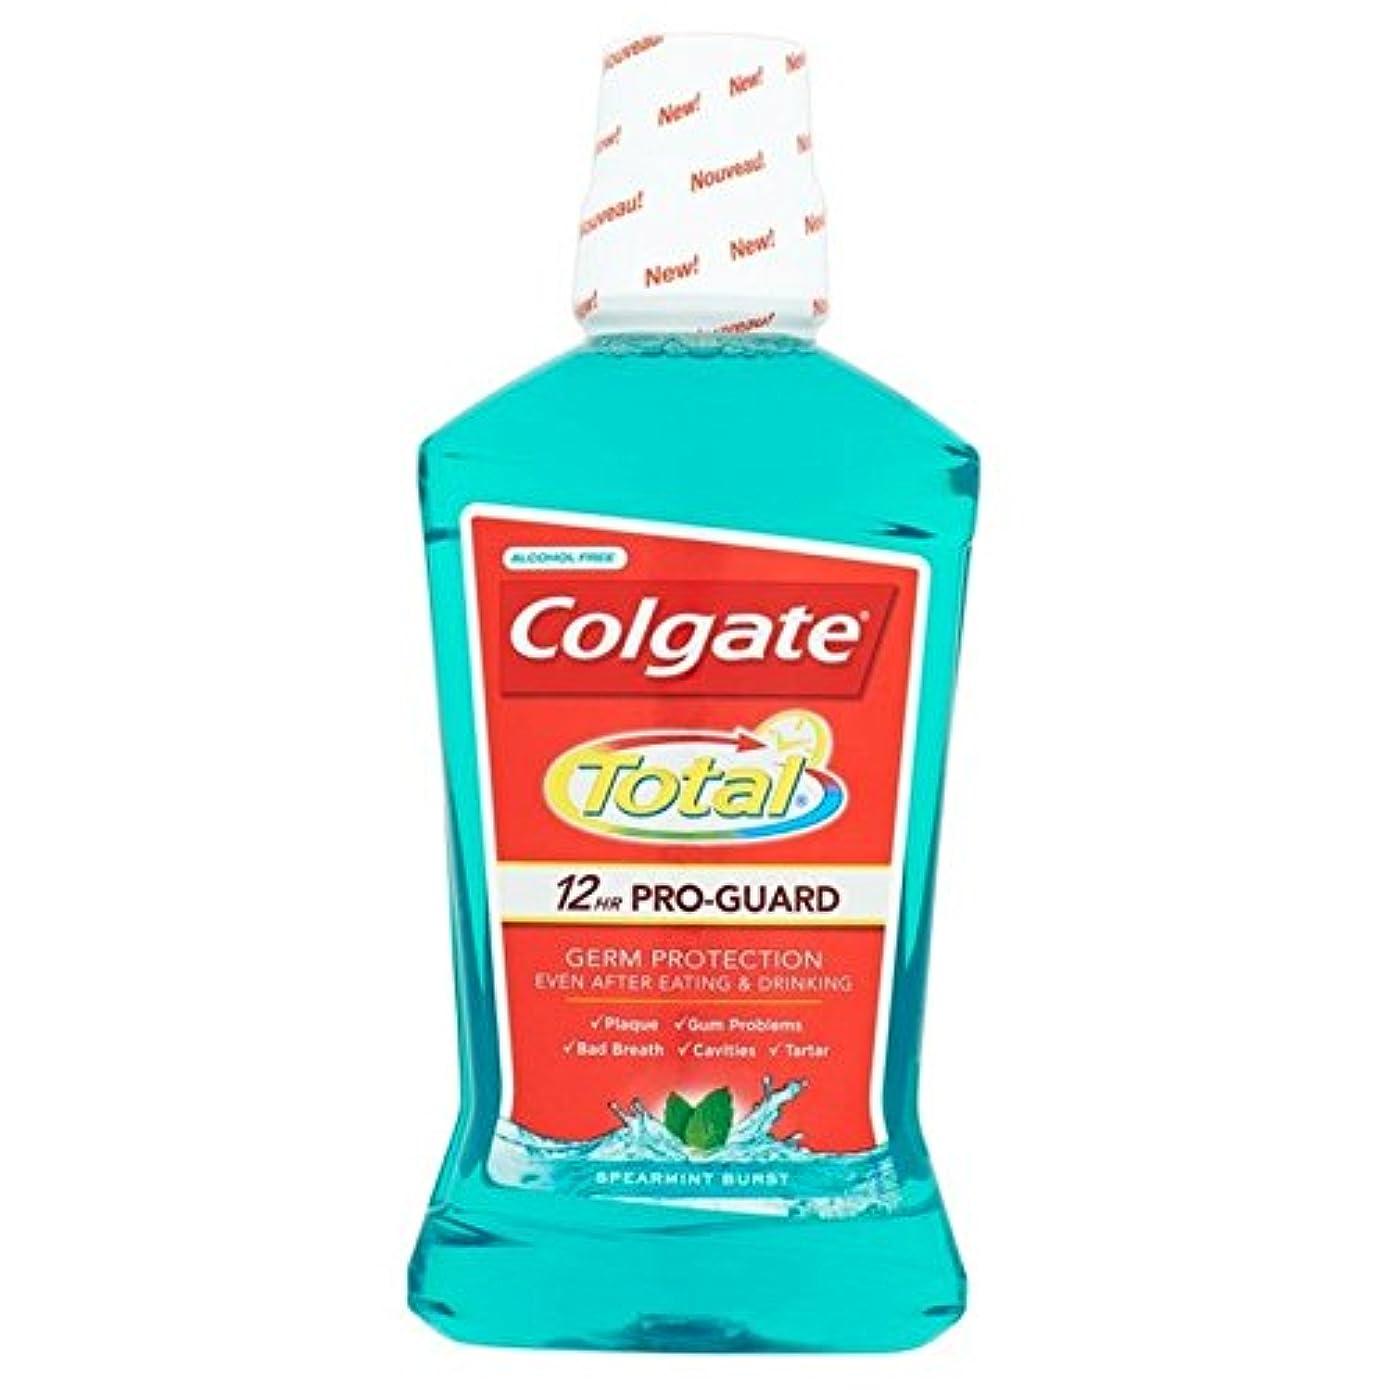 神経衰弱マスタードベジタリアンコルゲートトータル先進的な緑色のマウスウォッシュ500ミリリットル500ミリリットル x2 - Colgate Total Advanced Green Mouthwash 500ml 500ml (Pack of 2)...